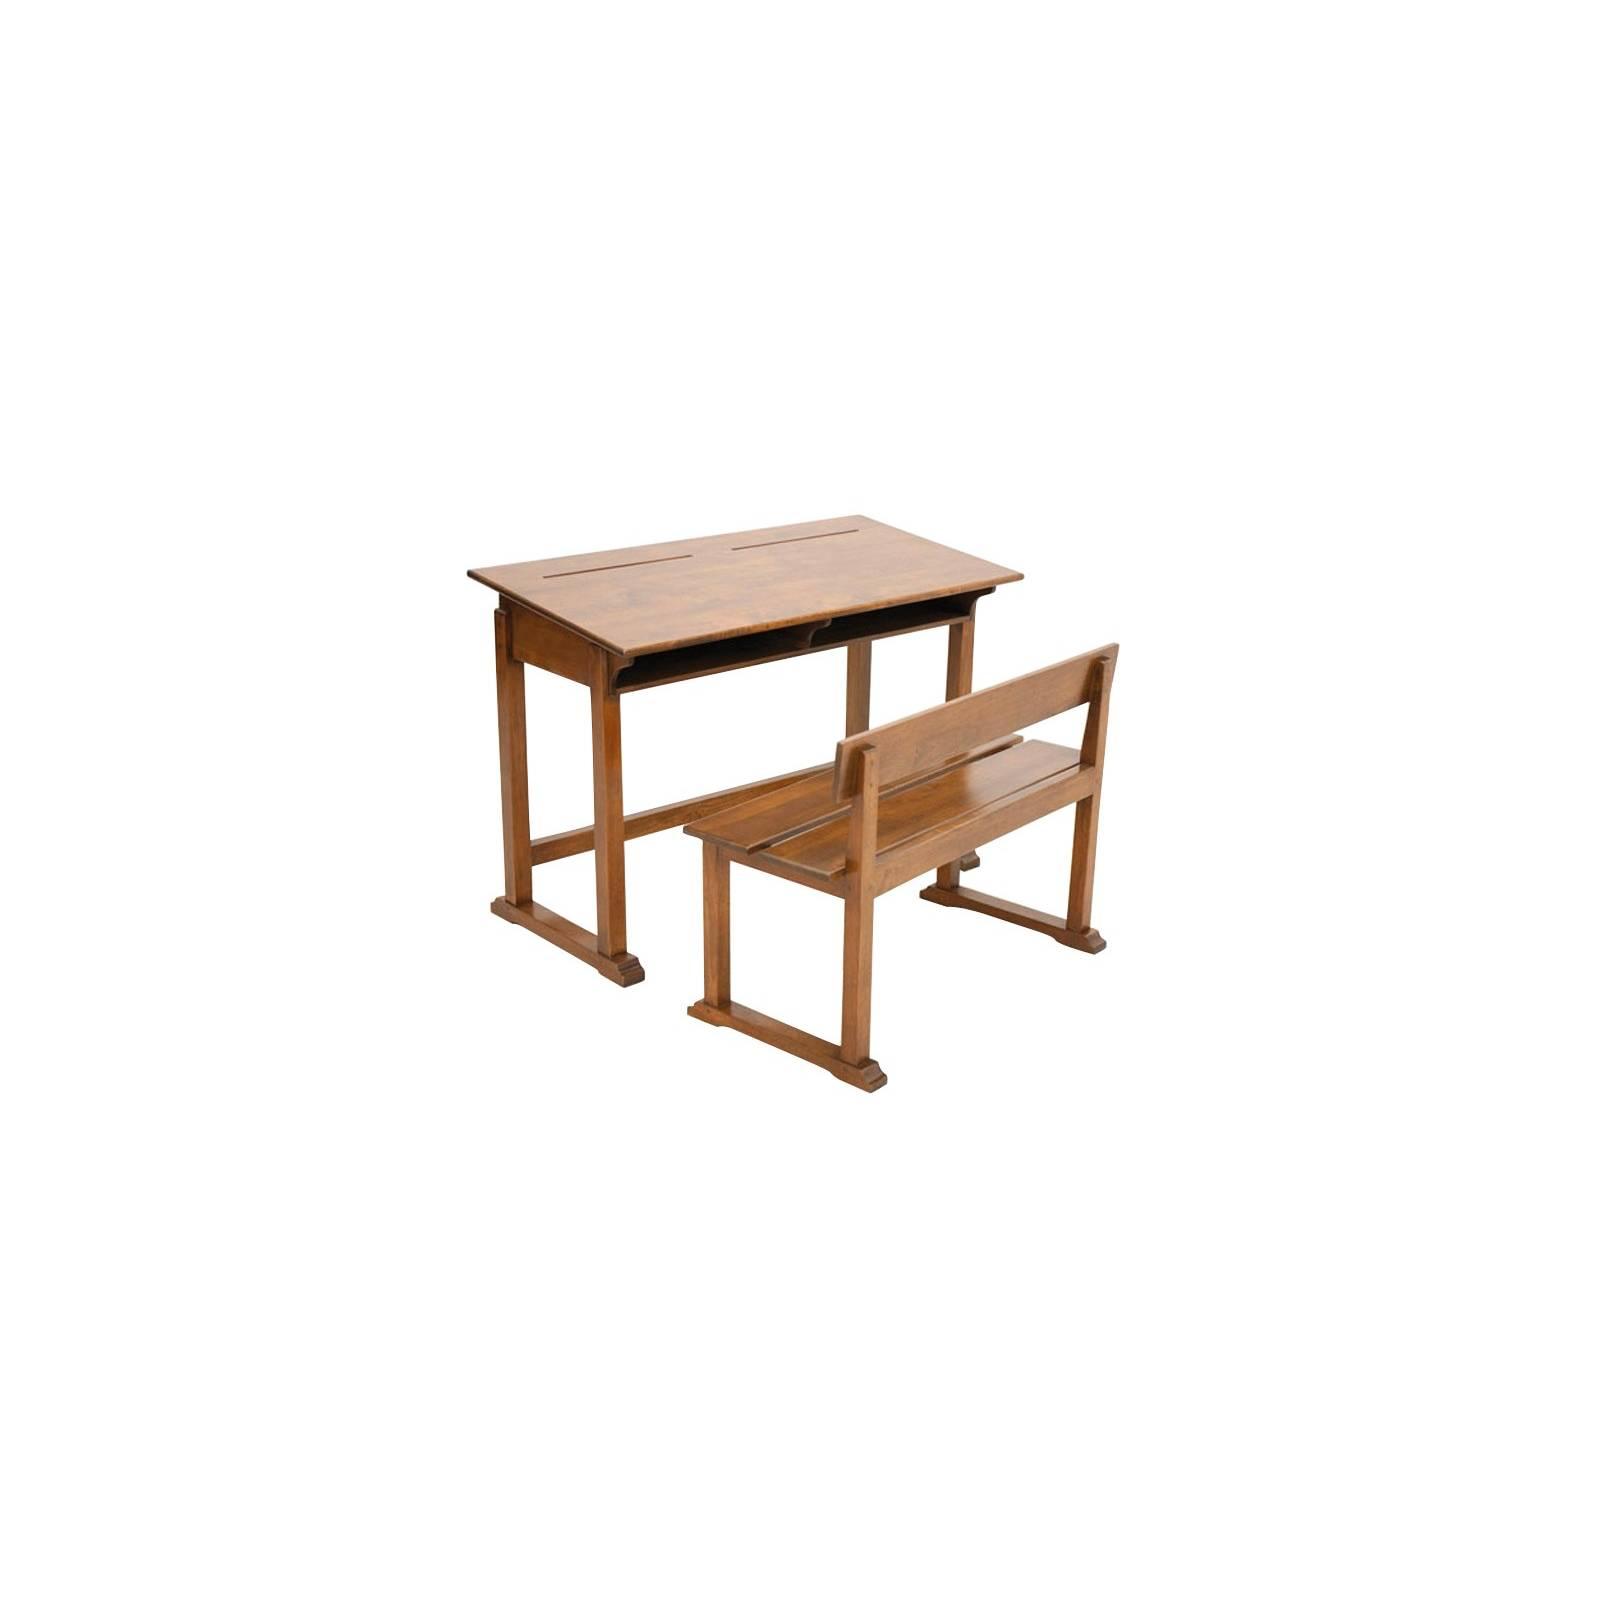 Pupitre Ecolier Banc Tradition Hévéa - meuble style classique